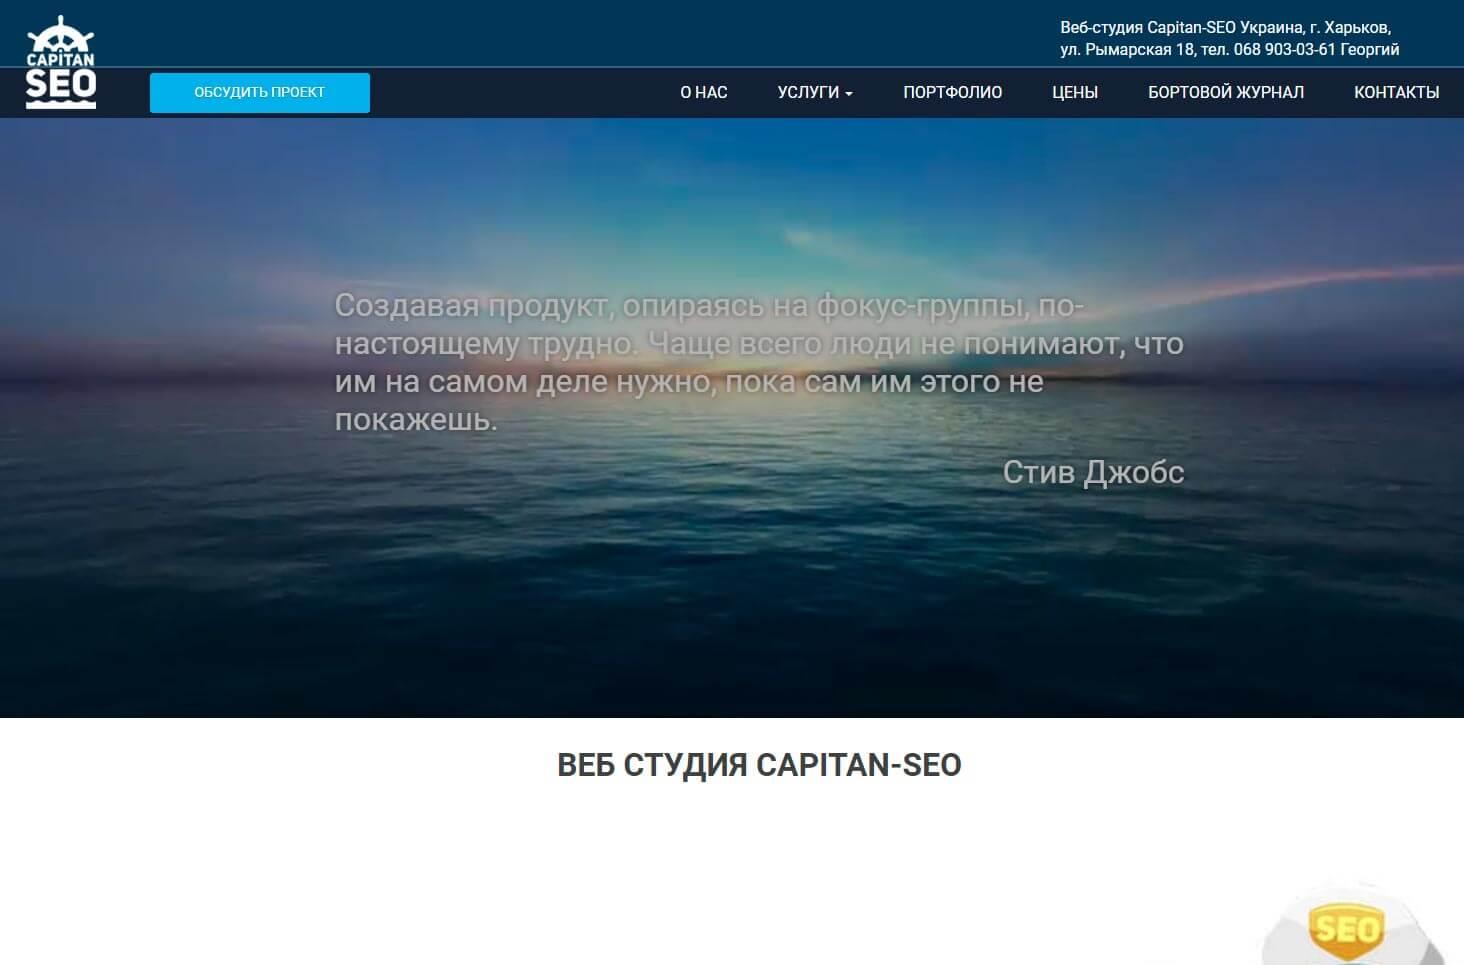 Capitan Seo - обзор компании, услуги, отзывы, клиенты, Фото № 1 - google-seo.pro